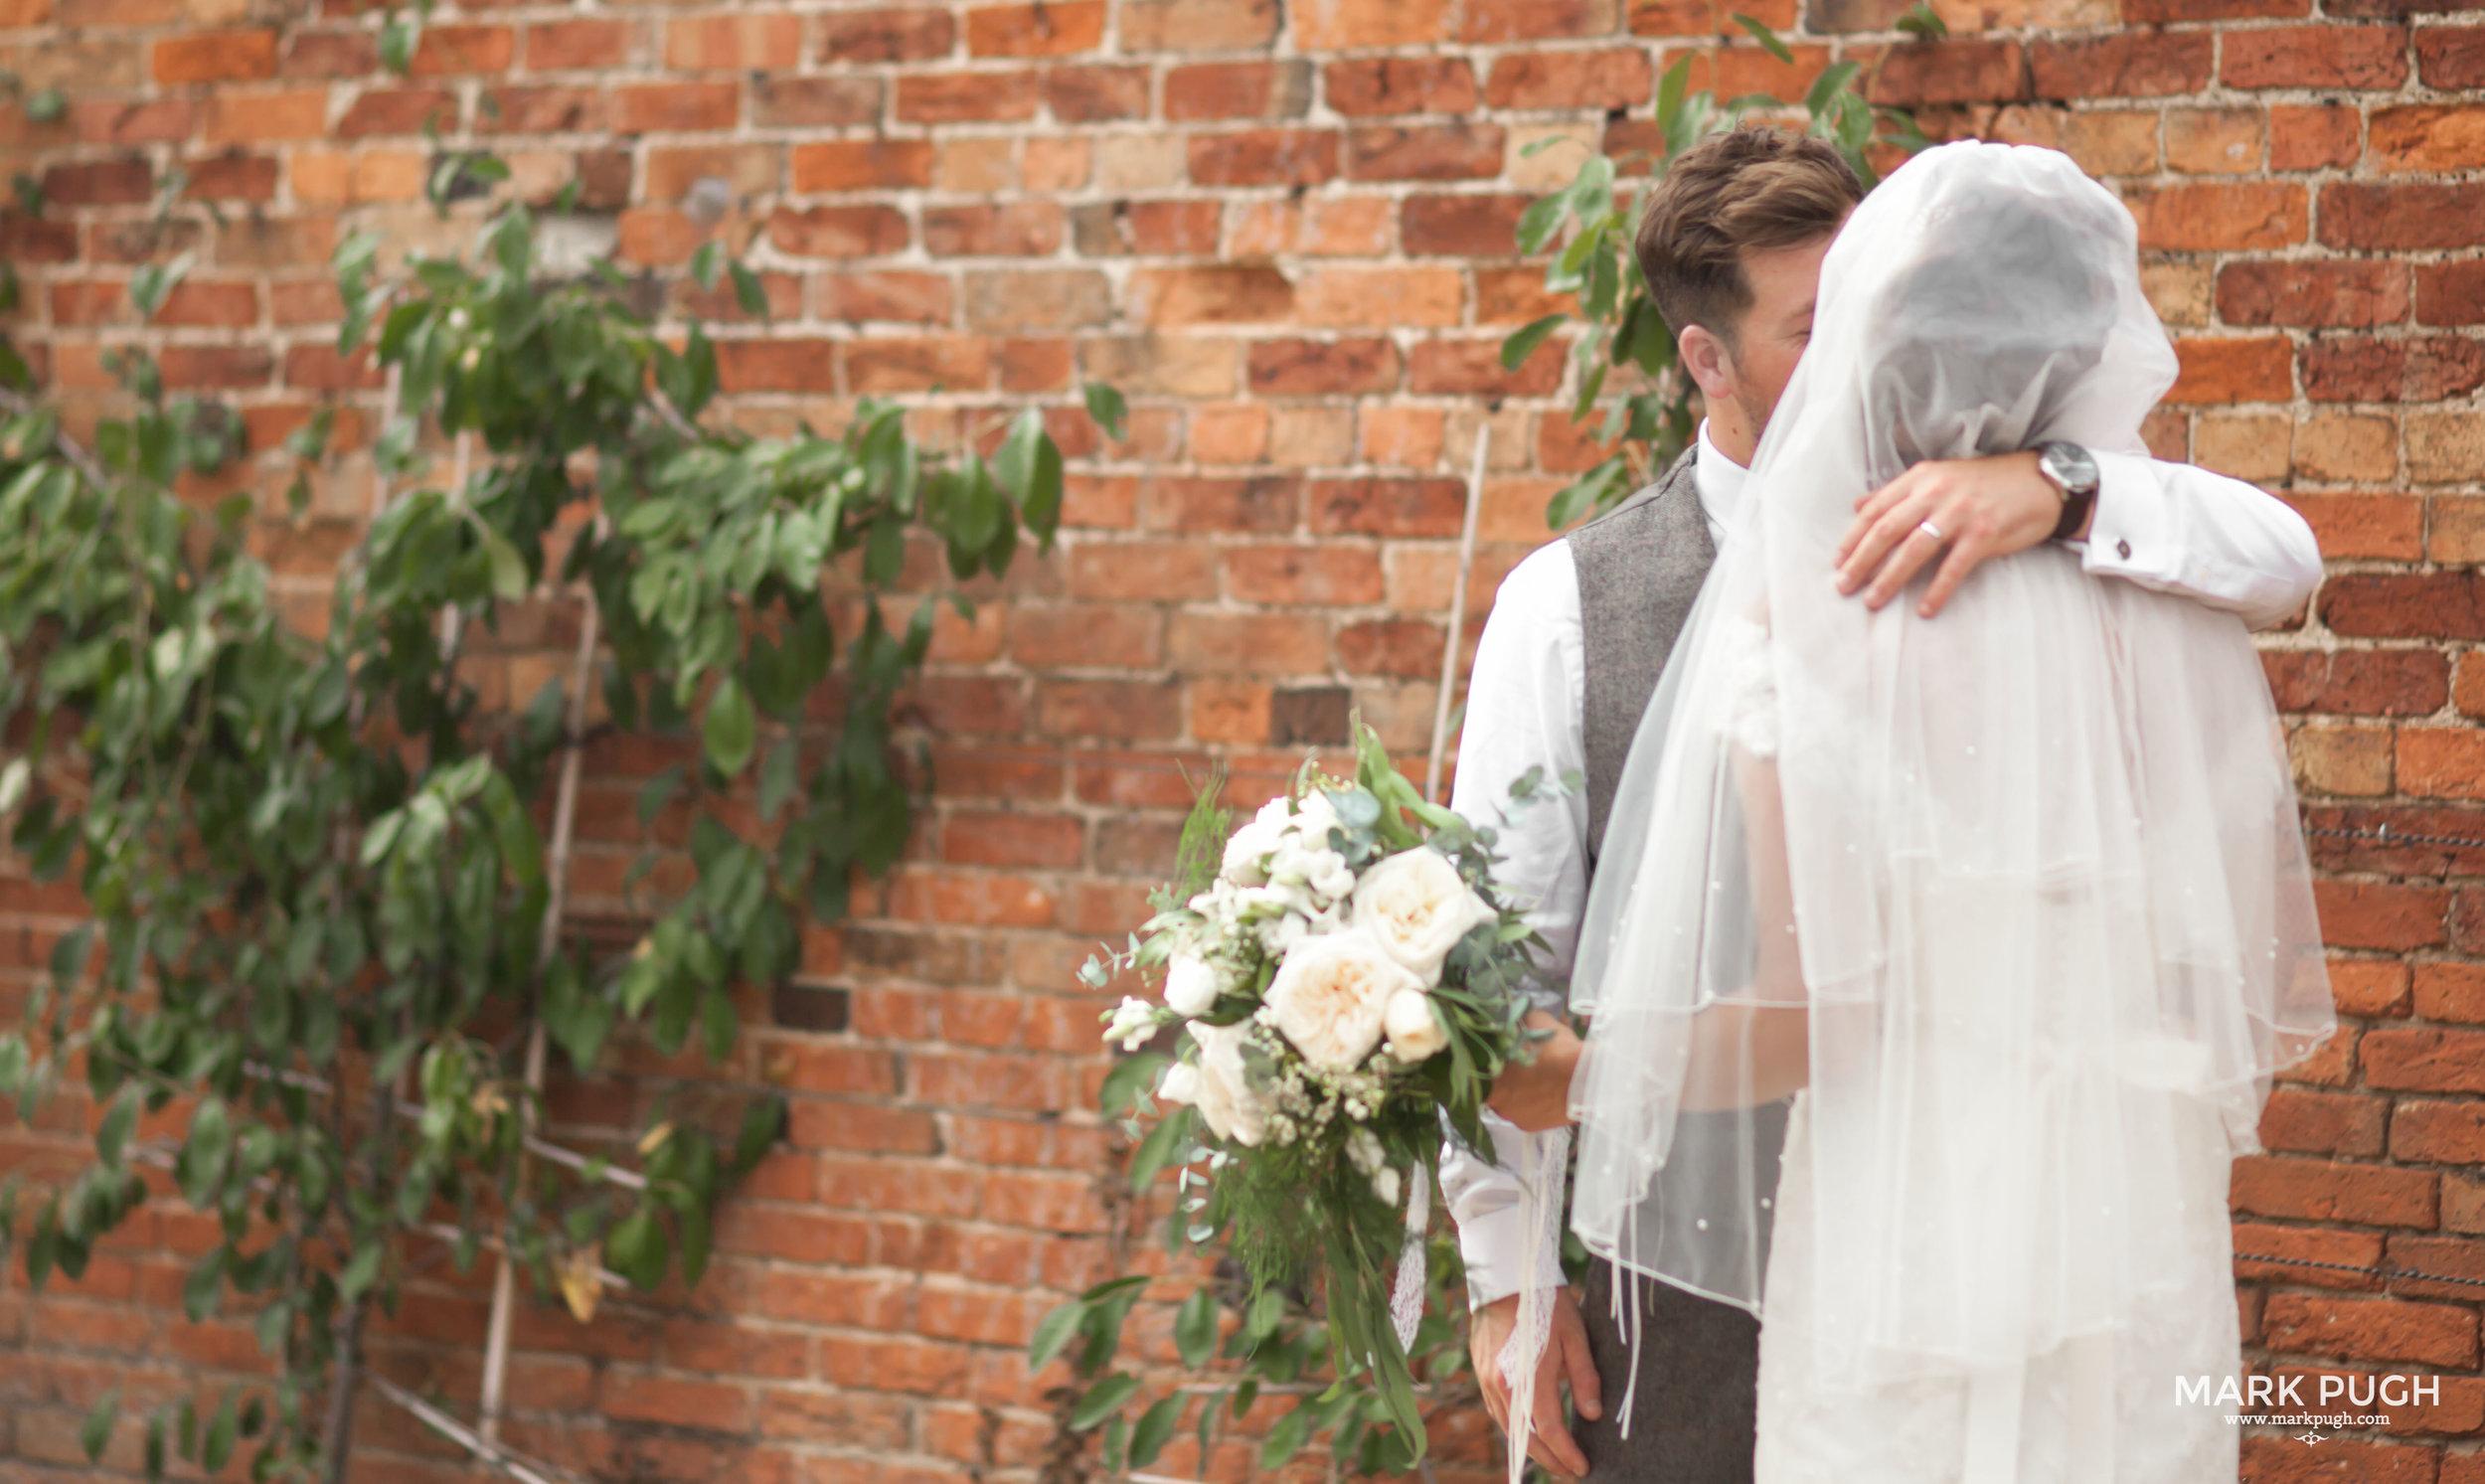 008 - fineART photography by www.markpugh.com Mark Pugh of www.mpmedia.co.uk_.JPG